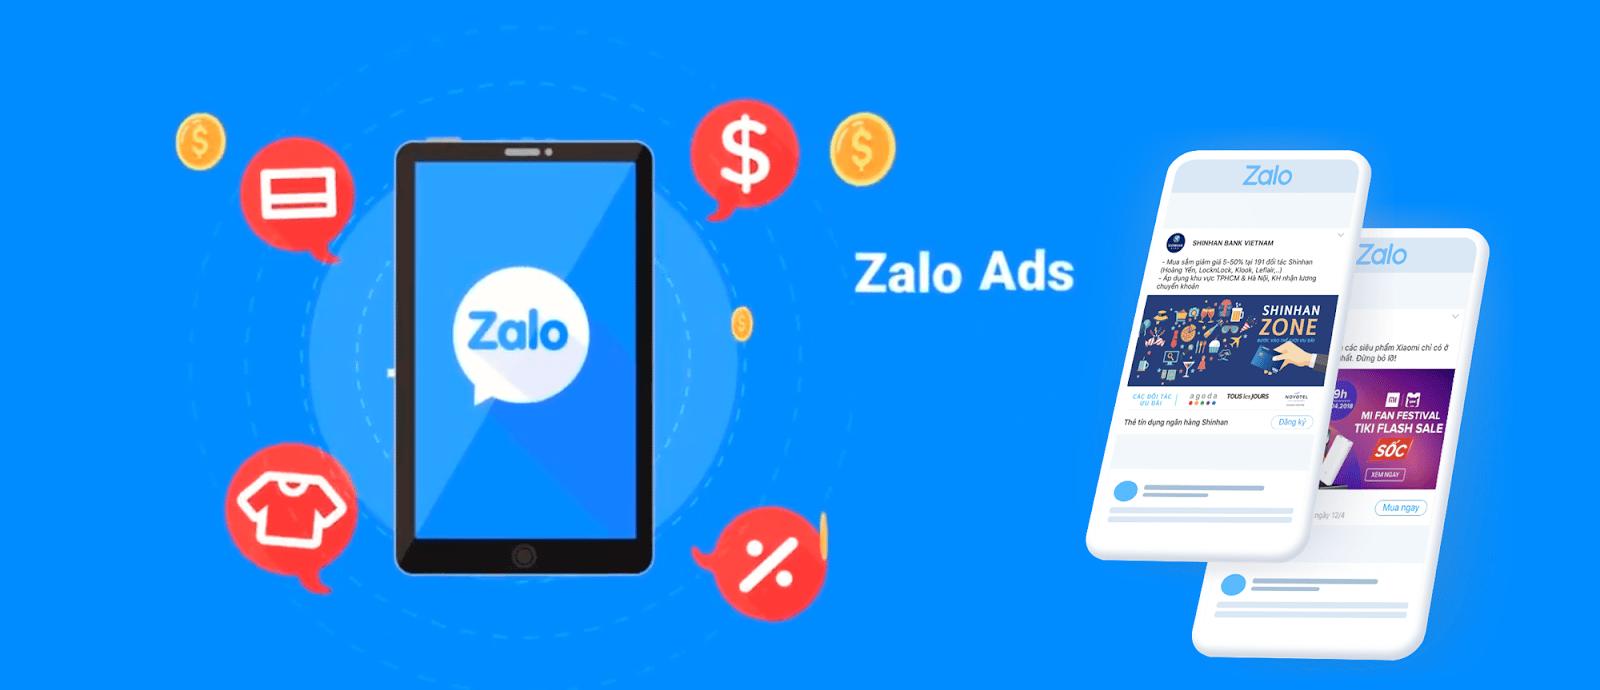 Zalo truyền thông đem đến đạt kết quả tốt nguồn thu khá lớn cho các công ty bán hàng online. Nhưng bạn có biết tại sao con người có thể dùng kênh Zalo truyền thông